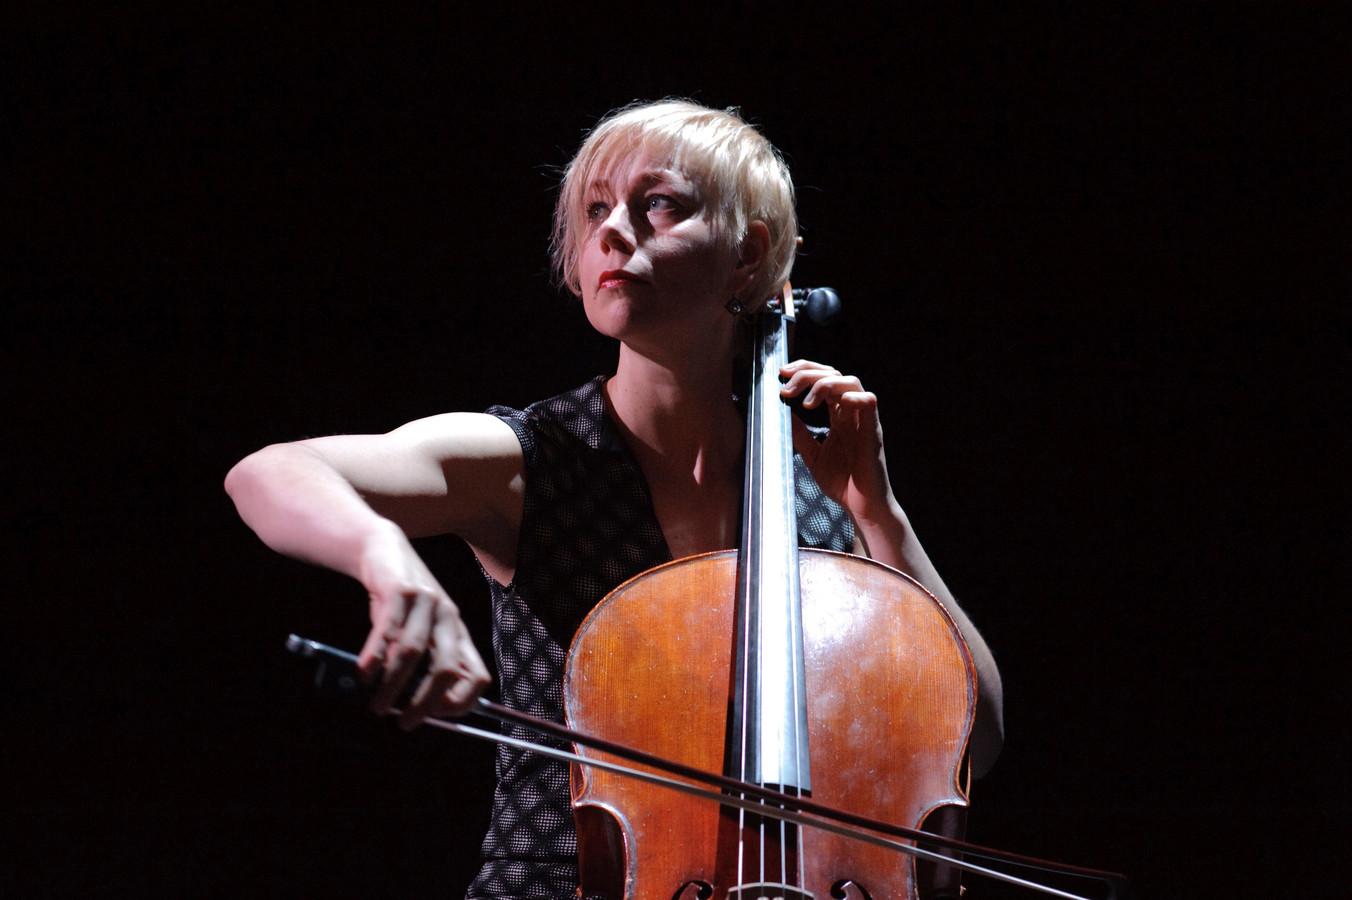 Jacqueline Hamelink